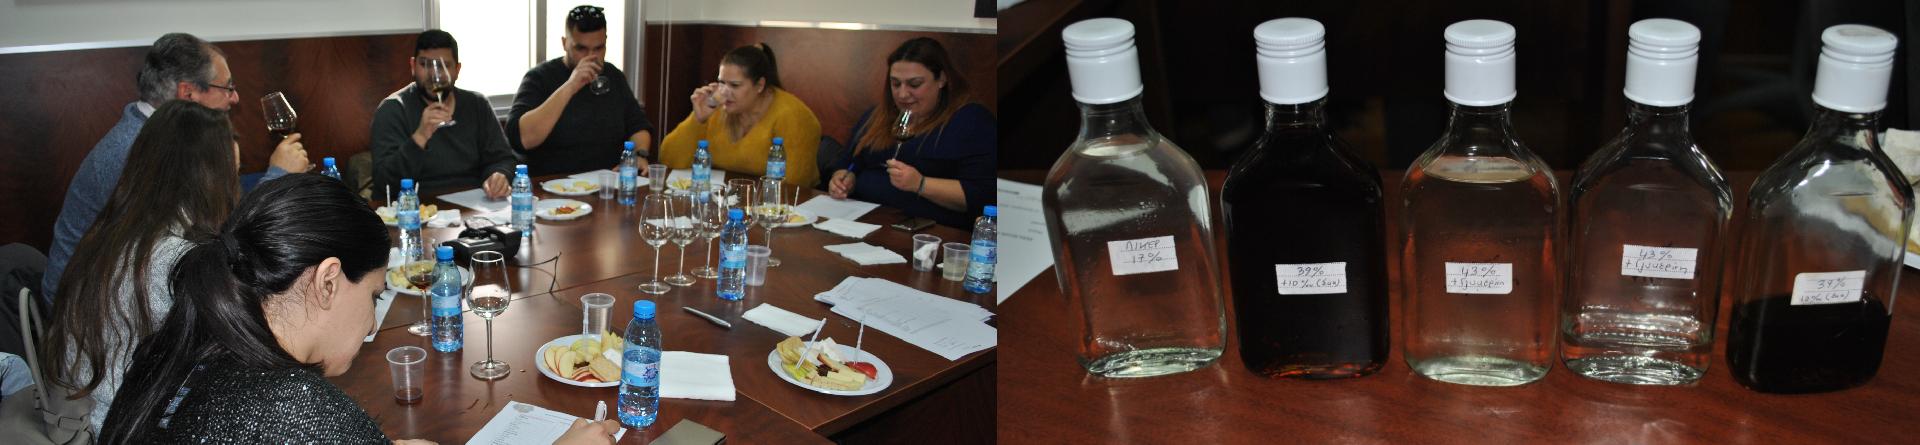 2η γευσιγνωσία νέων αλκοολούχων ποτών από χαρούπι για λογαριασμό του Πανεπιστημίου Κύπρου